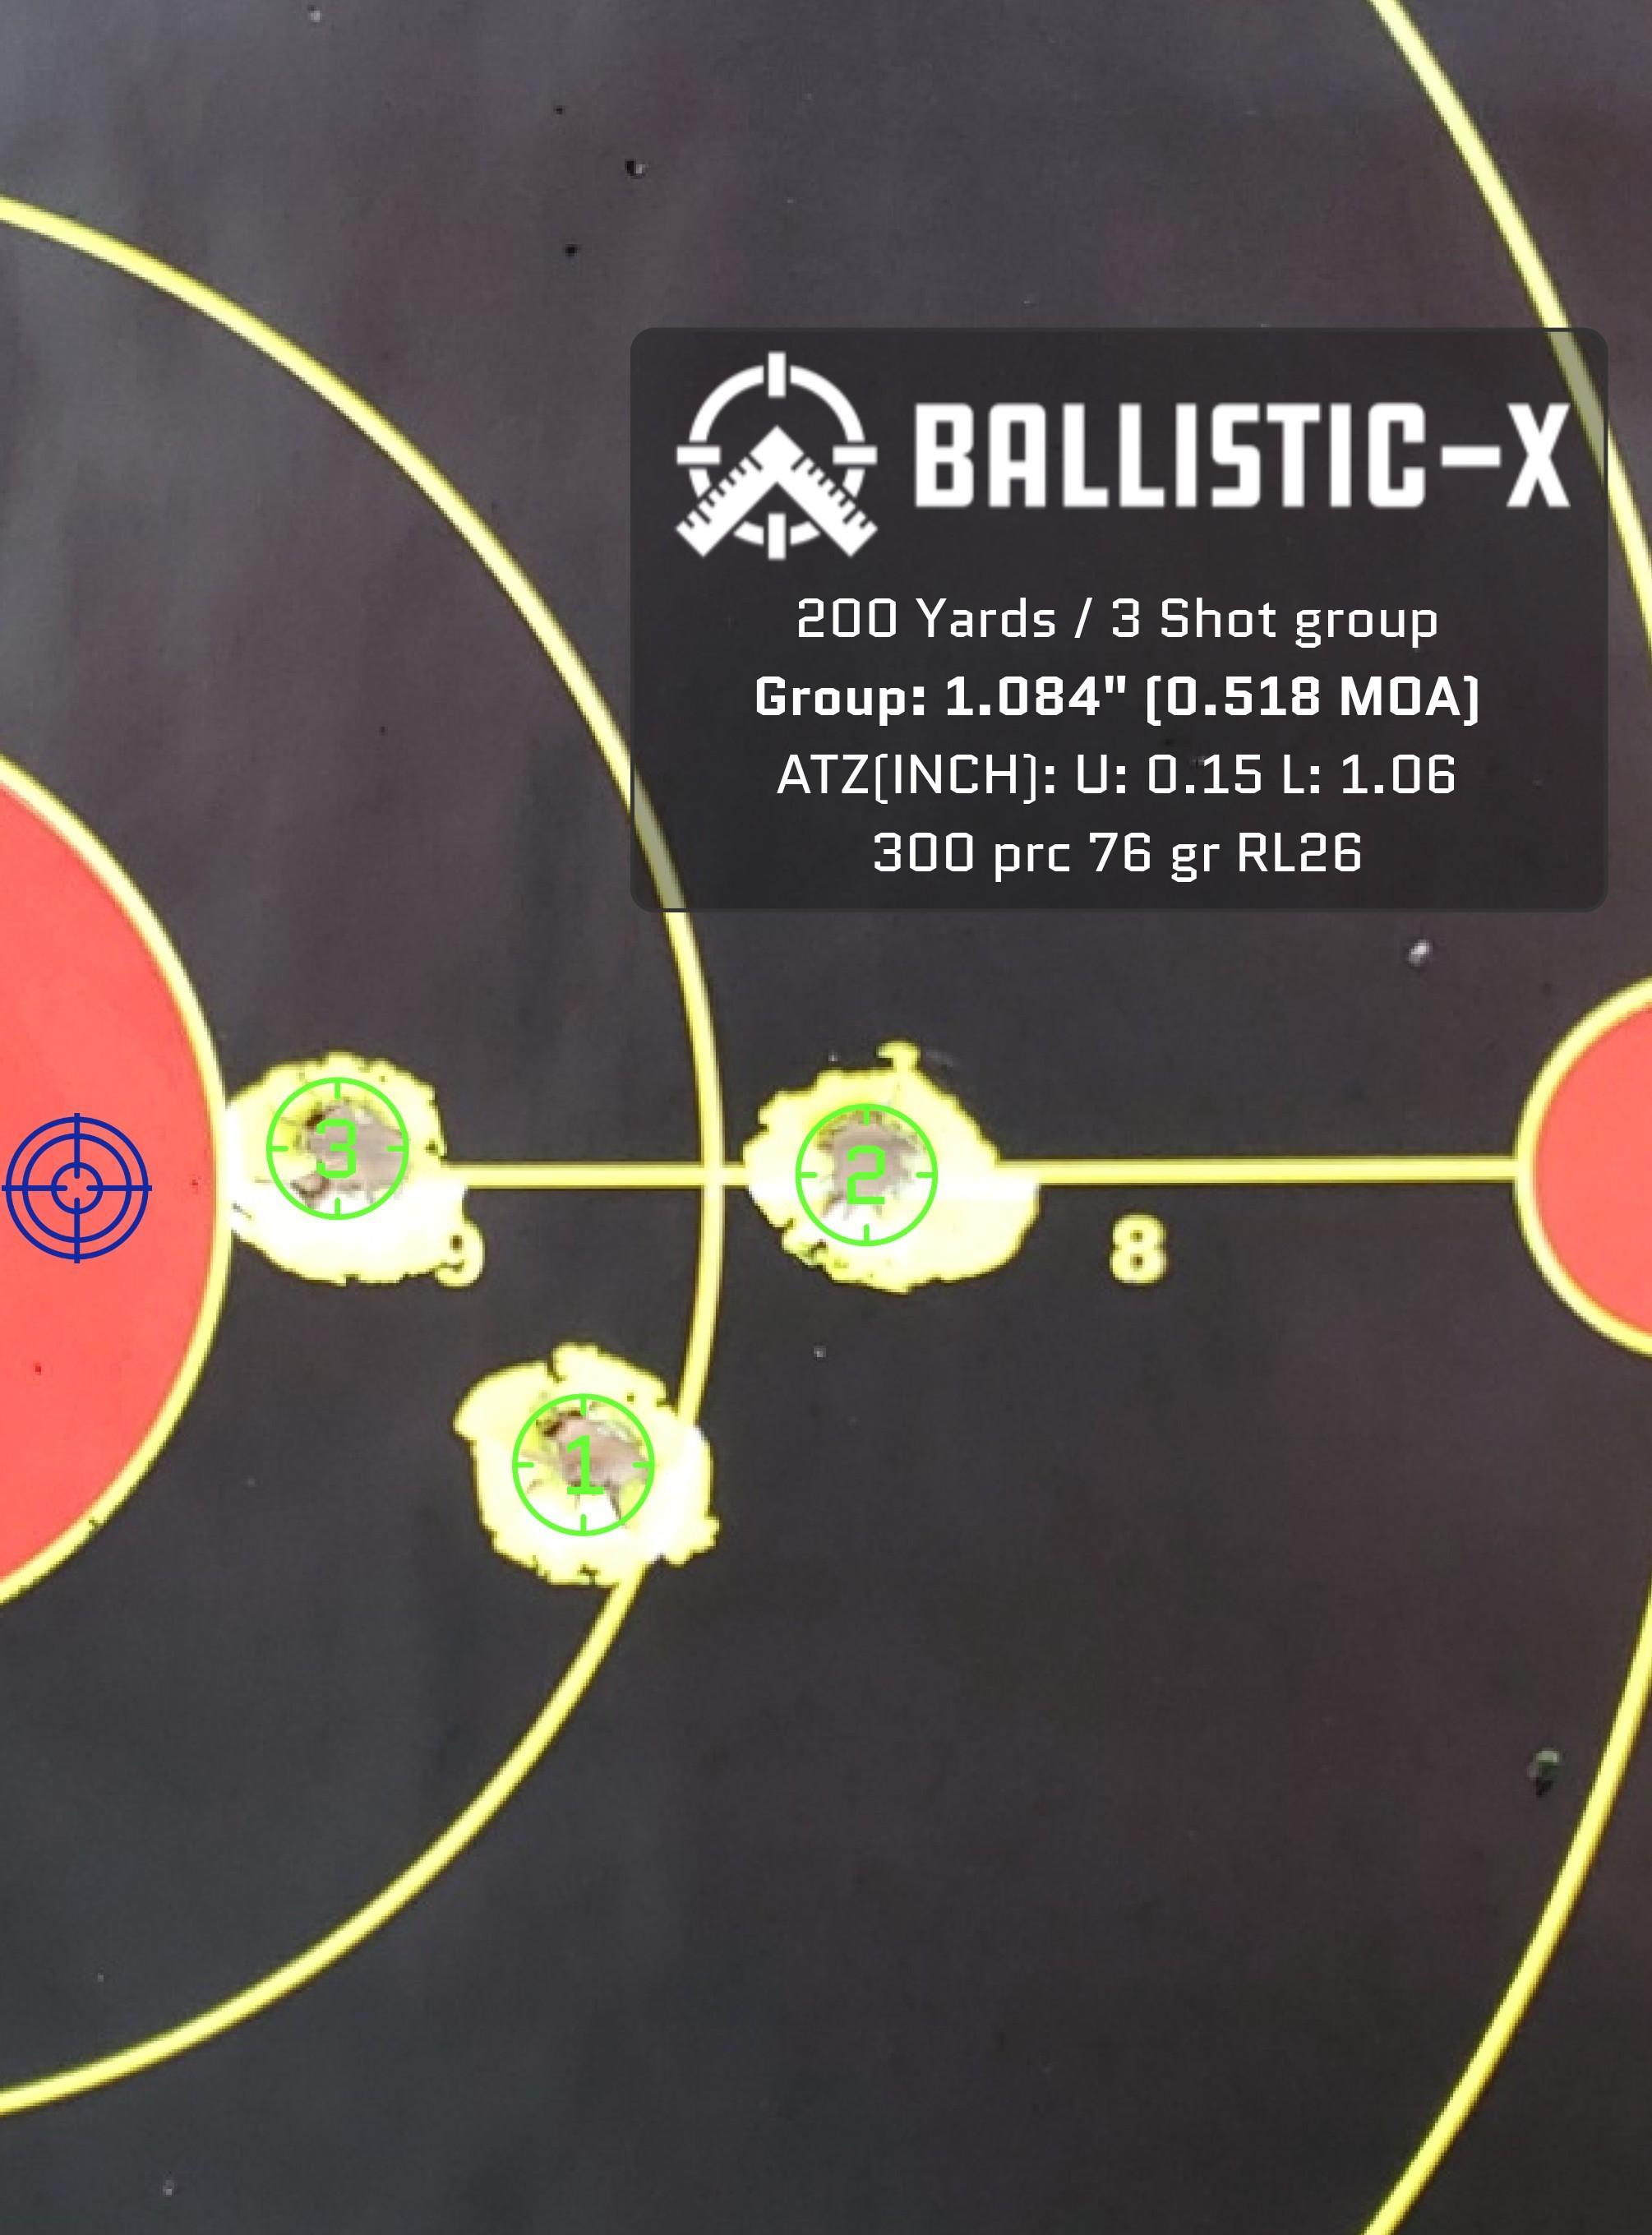 Ballistic-X-Export-2021-03-09 15:07:20.577264.jpg